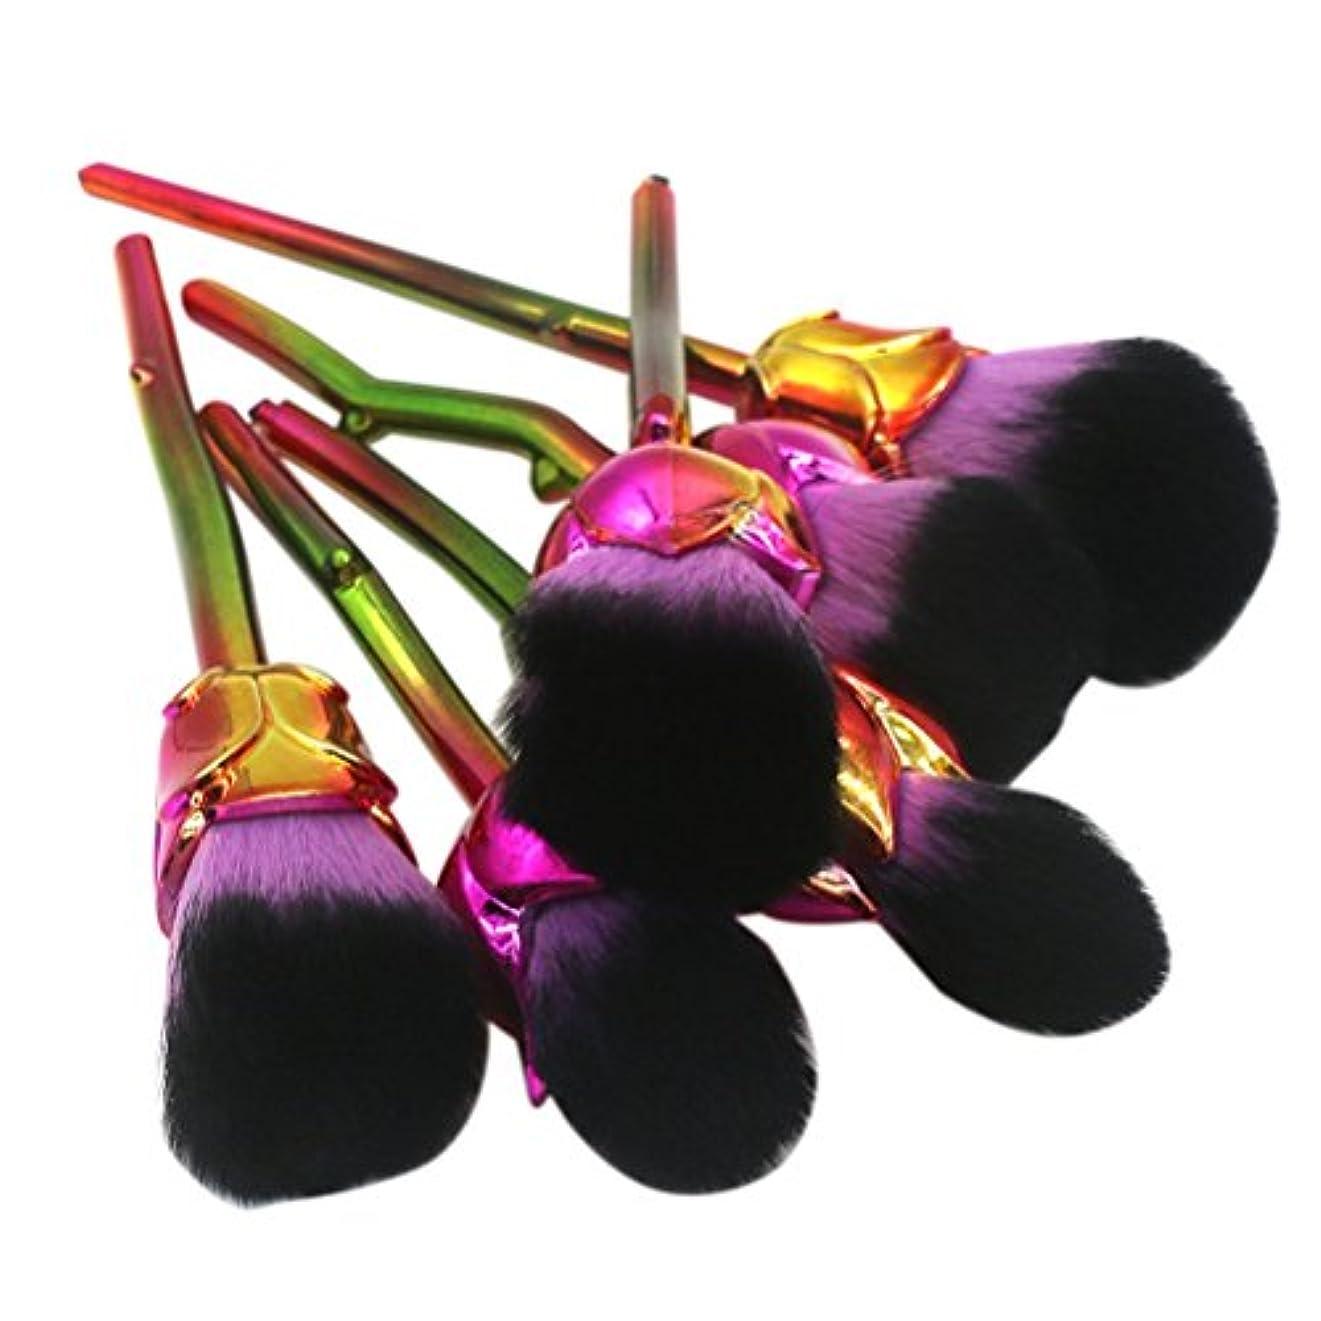 確立します肝はしごディラビューティー(Dilla Beauty) メイクブラシ 薔薇 メイクブラシセット 人気 ファンデーションブラシ 化粧筆 可愛い 化粧ブラシ セット パウダーブラシ フェイスブラシ ローズ メイクブラシ 6本セット ケース付き (パープル)